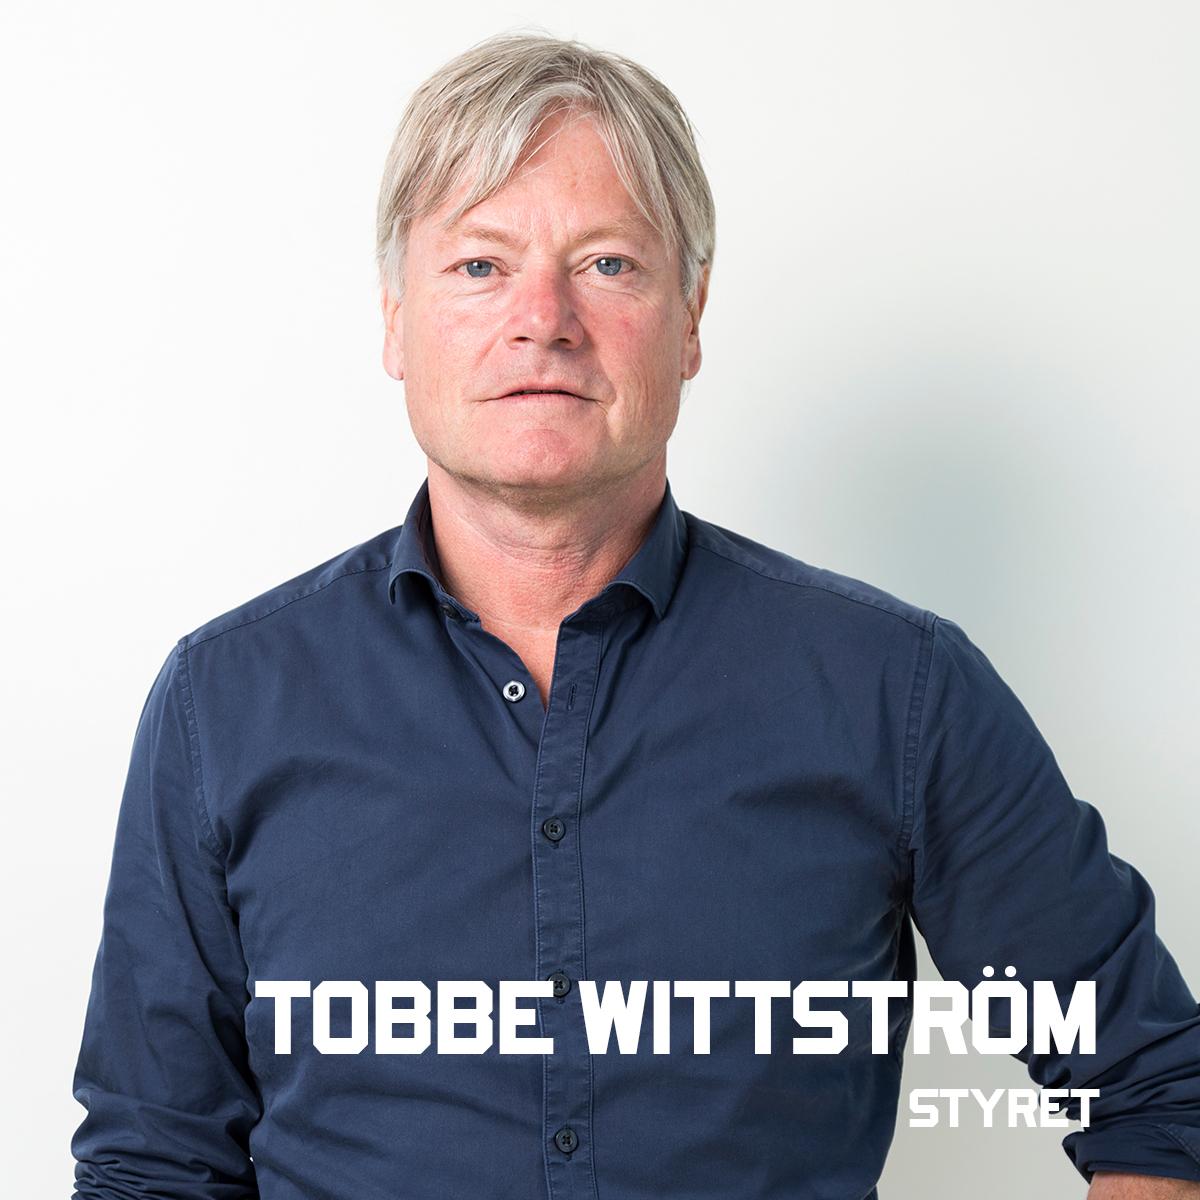 Tobbe_Wittstrom1200x1200